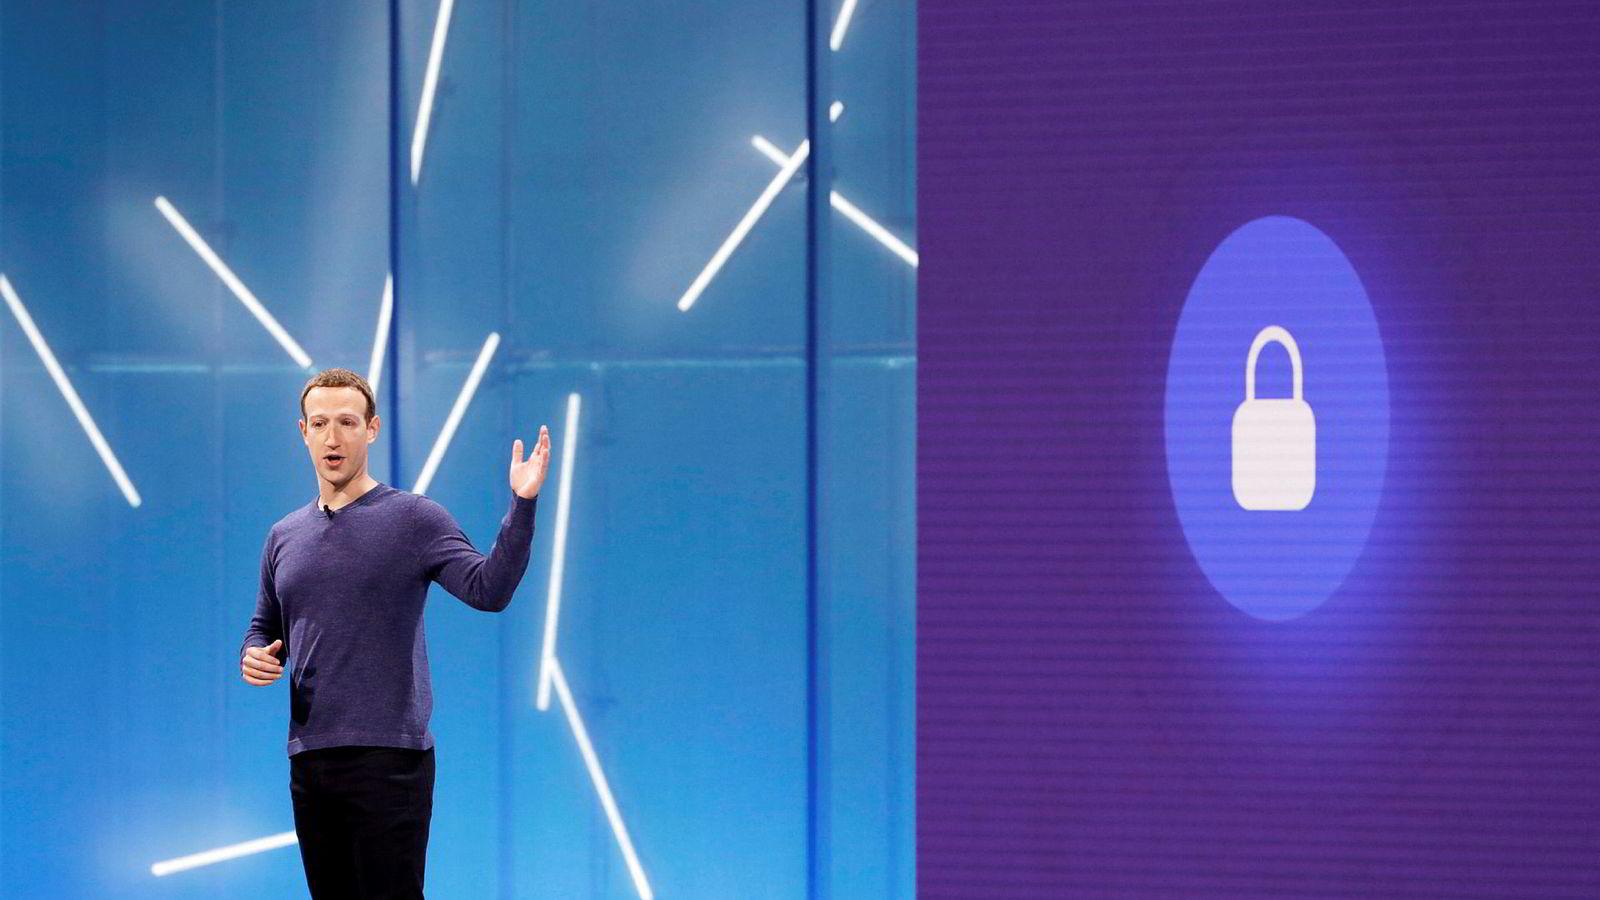 Facebook-sjef Mark Zuckerberg har fått mye kritikk for nettsamfunnets håndtering av personvern det siste året.